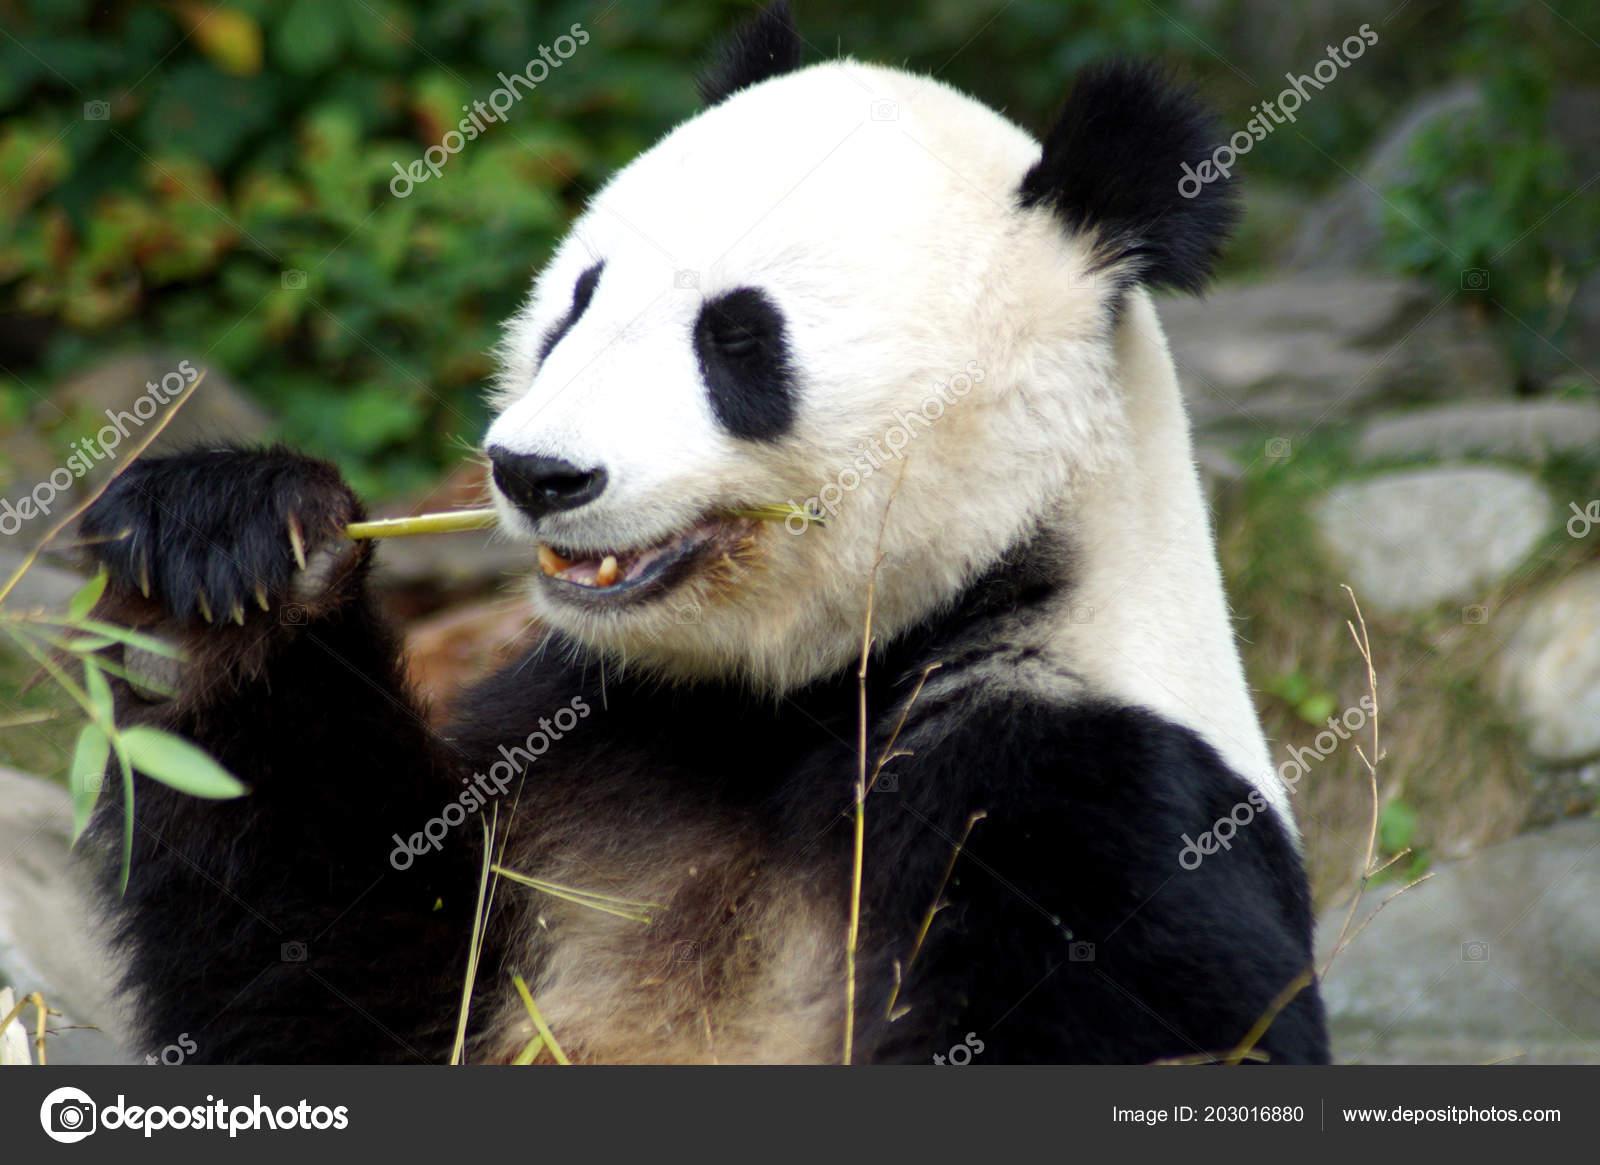 Groer Pandabr Beim Bambus Essen Stock Photo C Spiderwoman81 203016880